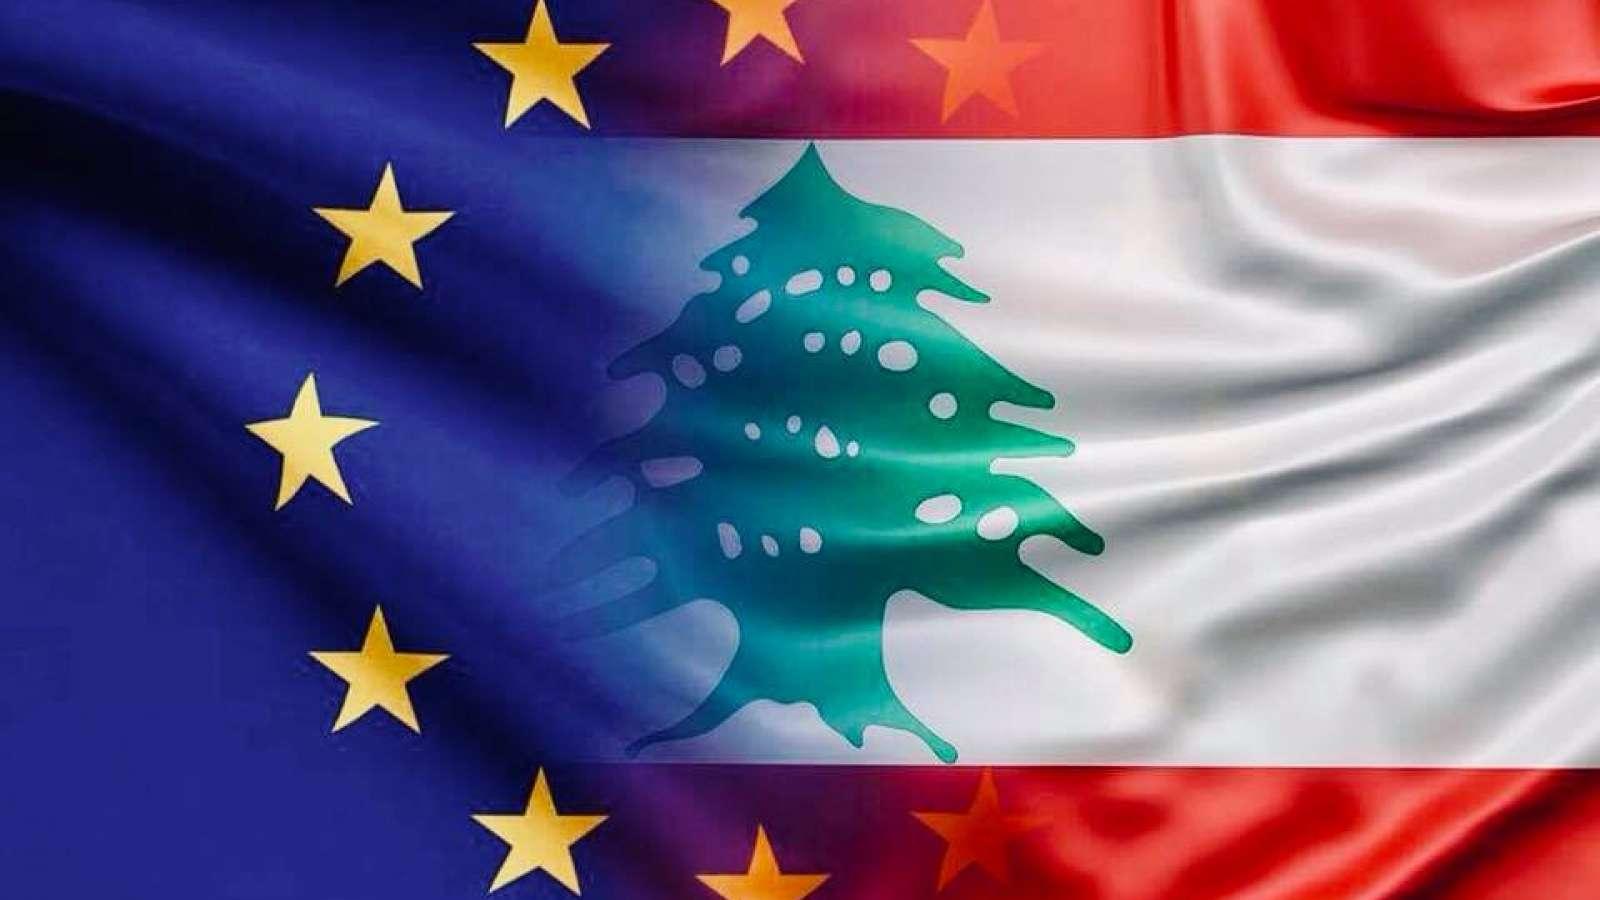 الاتحاد الاوروبي يدعو لضبط النفس اليكم تطورات الاحداث في لبنان, صحيفة عربية -بروفايل نيوز